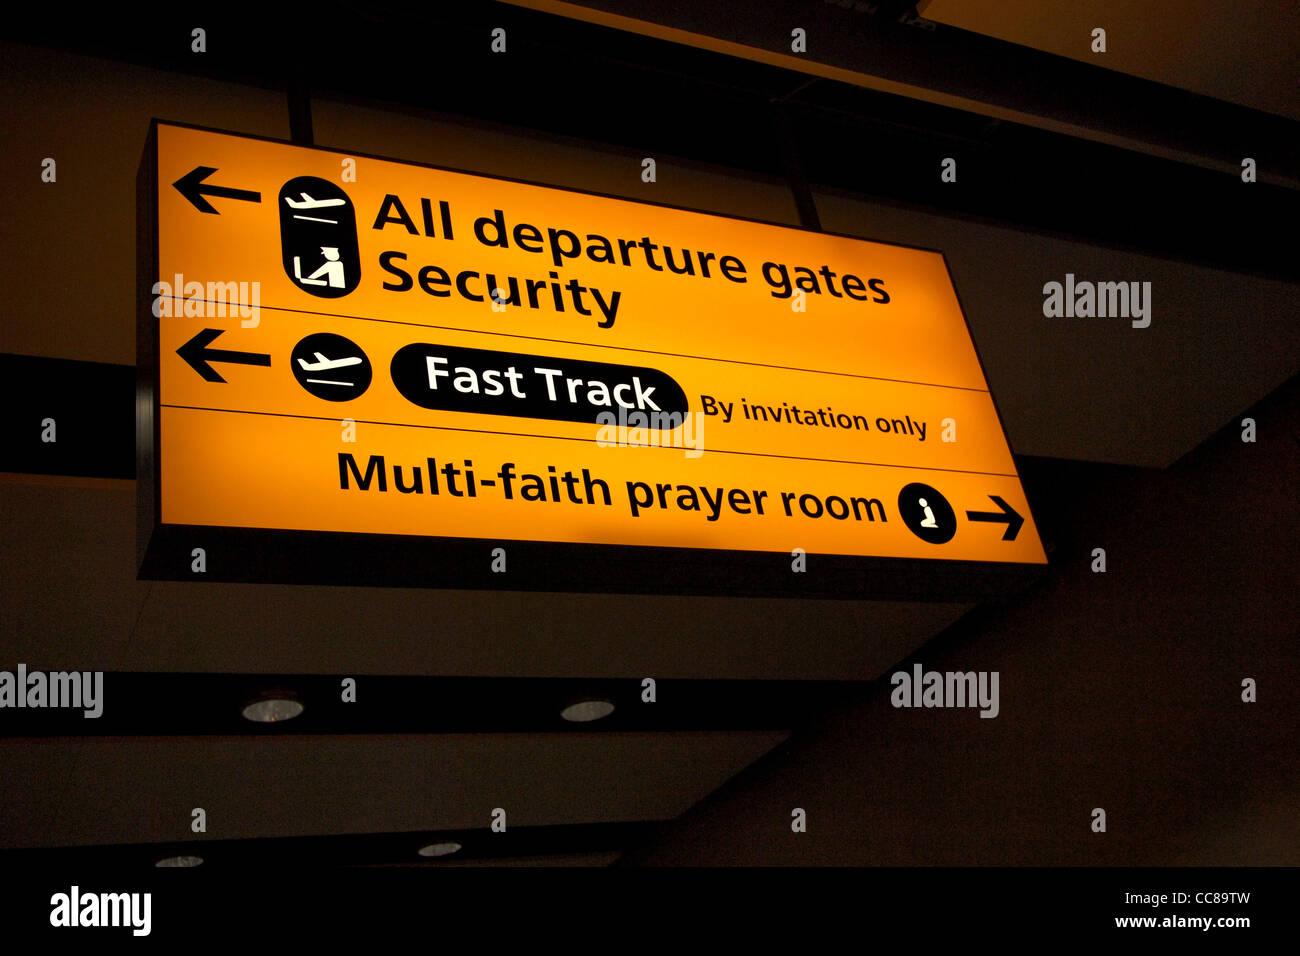 UK Flughafen multireligiösen Gebet Raum Zeichen Stockbild